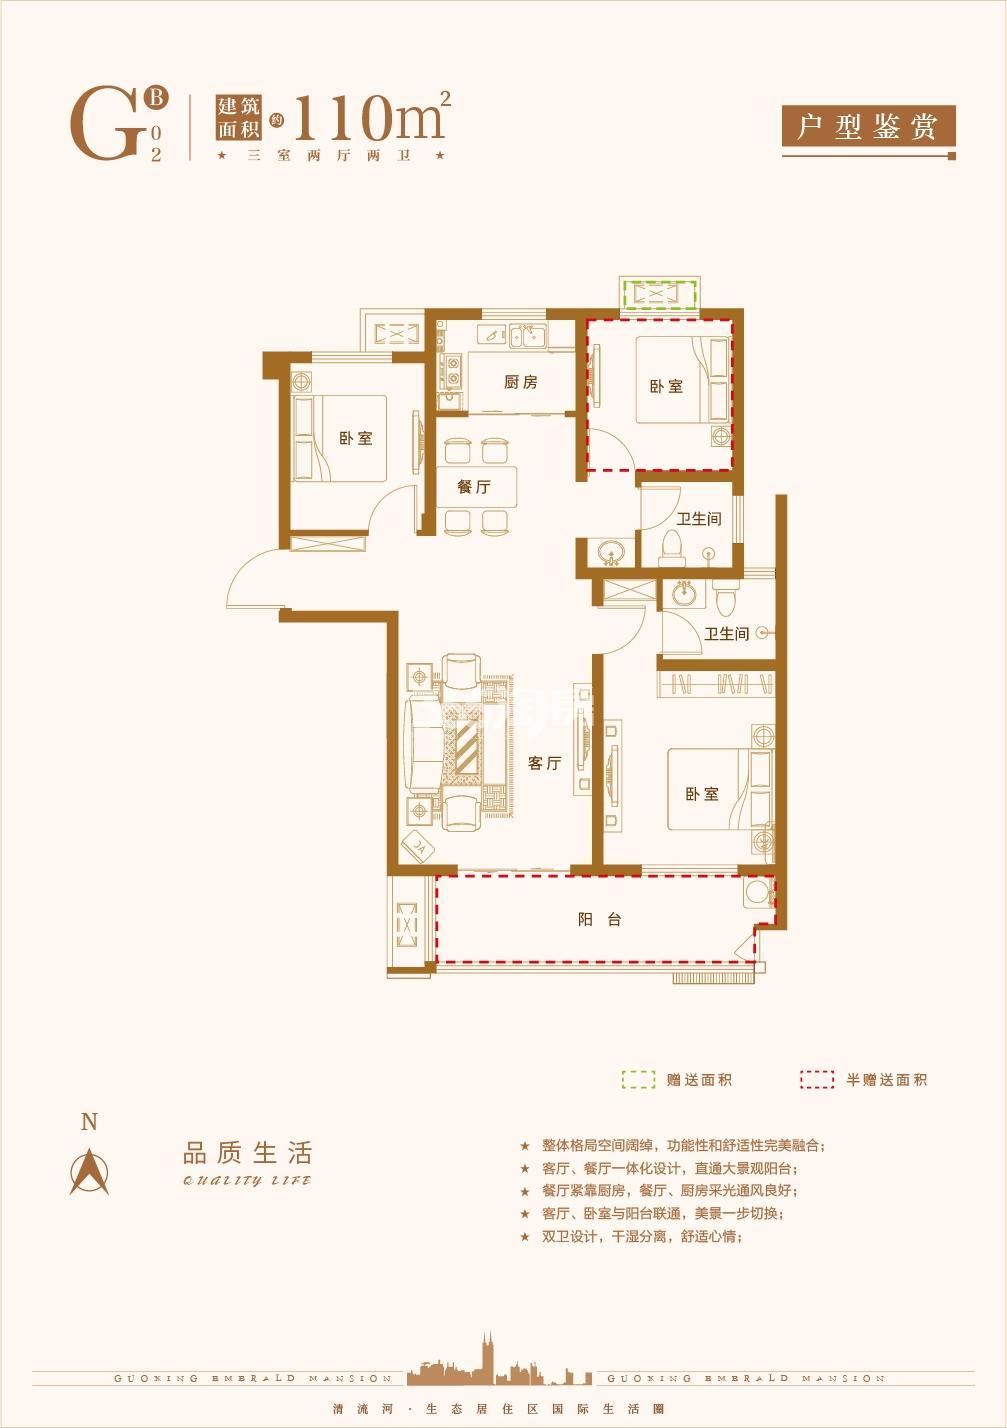 国兴翡翠公馆高层110㎡GB02三室两厅两卫户型图